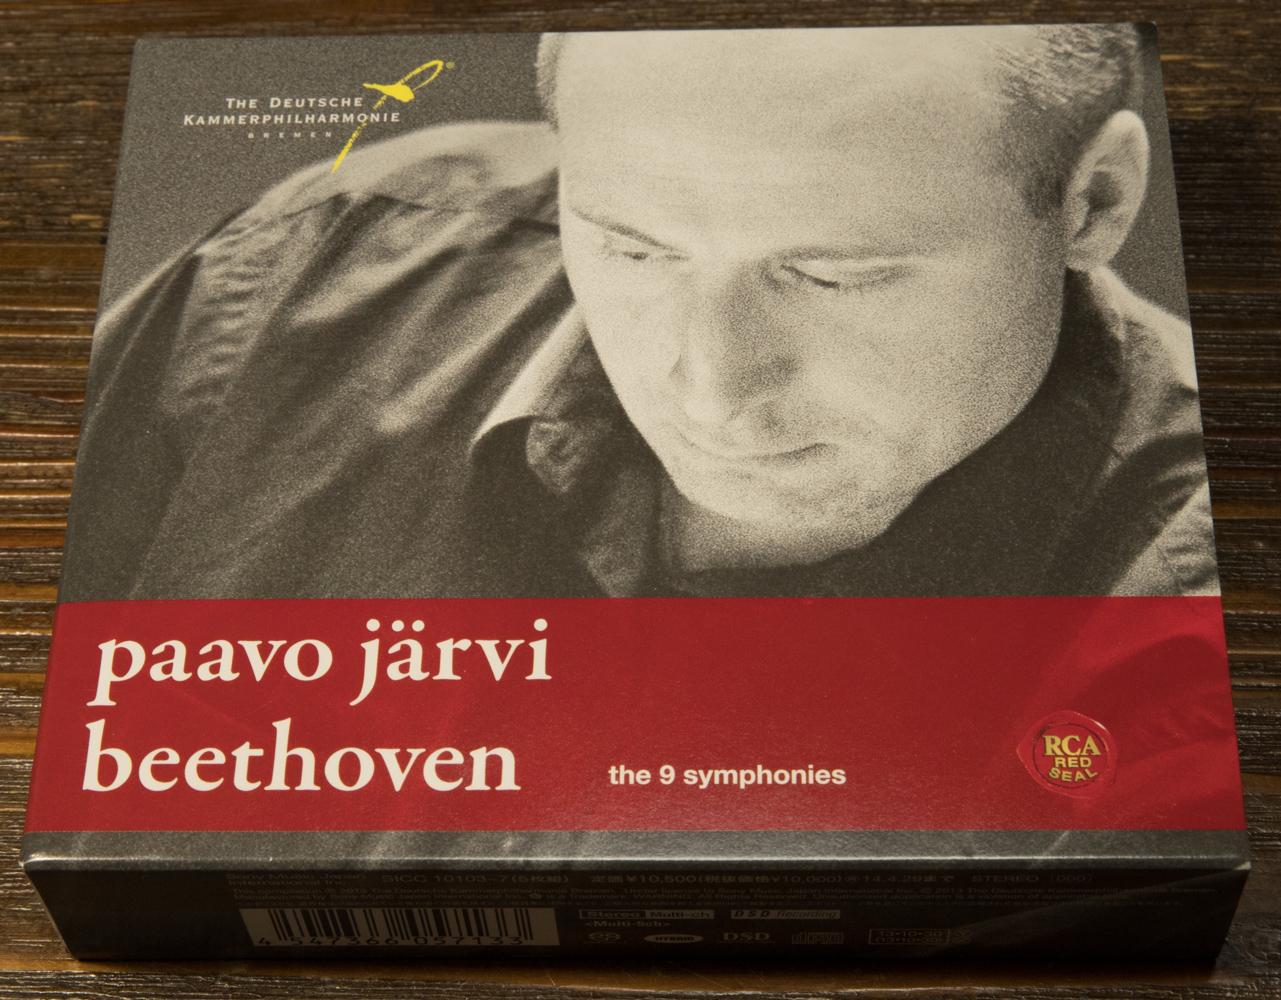 パーヴォ・ヤルヴィ指揮/ドイツ・カンマーフィルハーモニー・ブレーメンのベートーヴェン交響曲全集